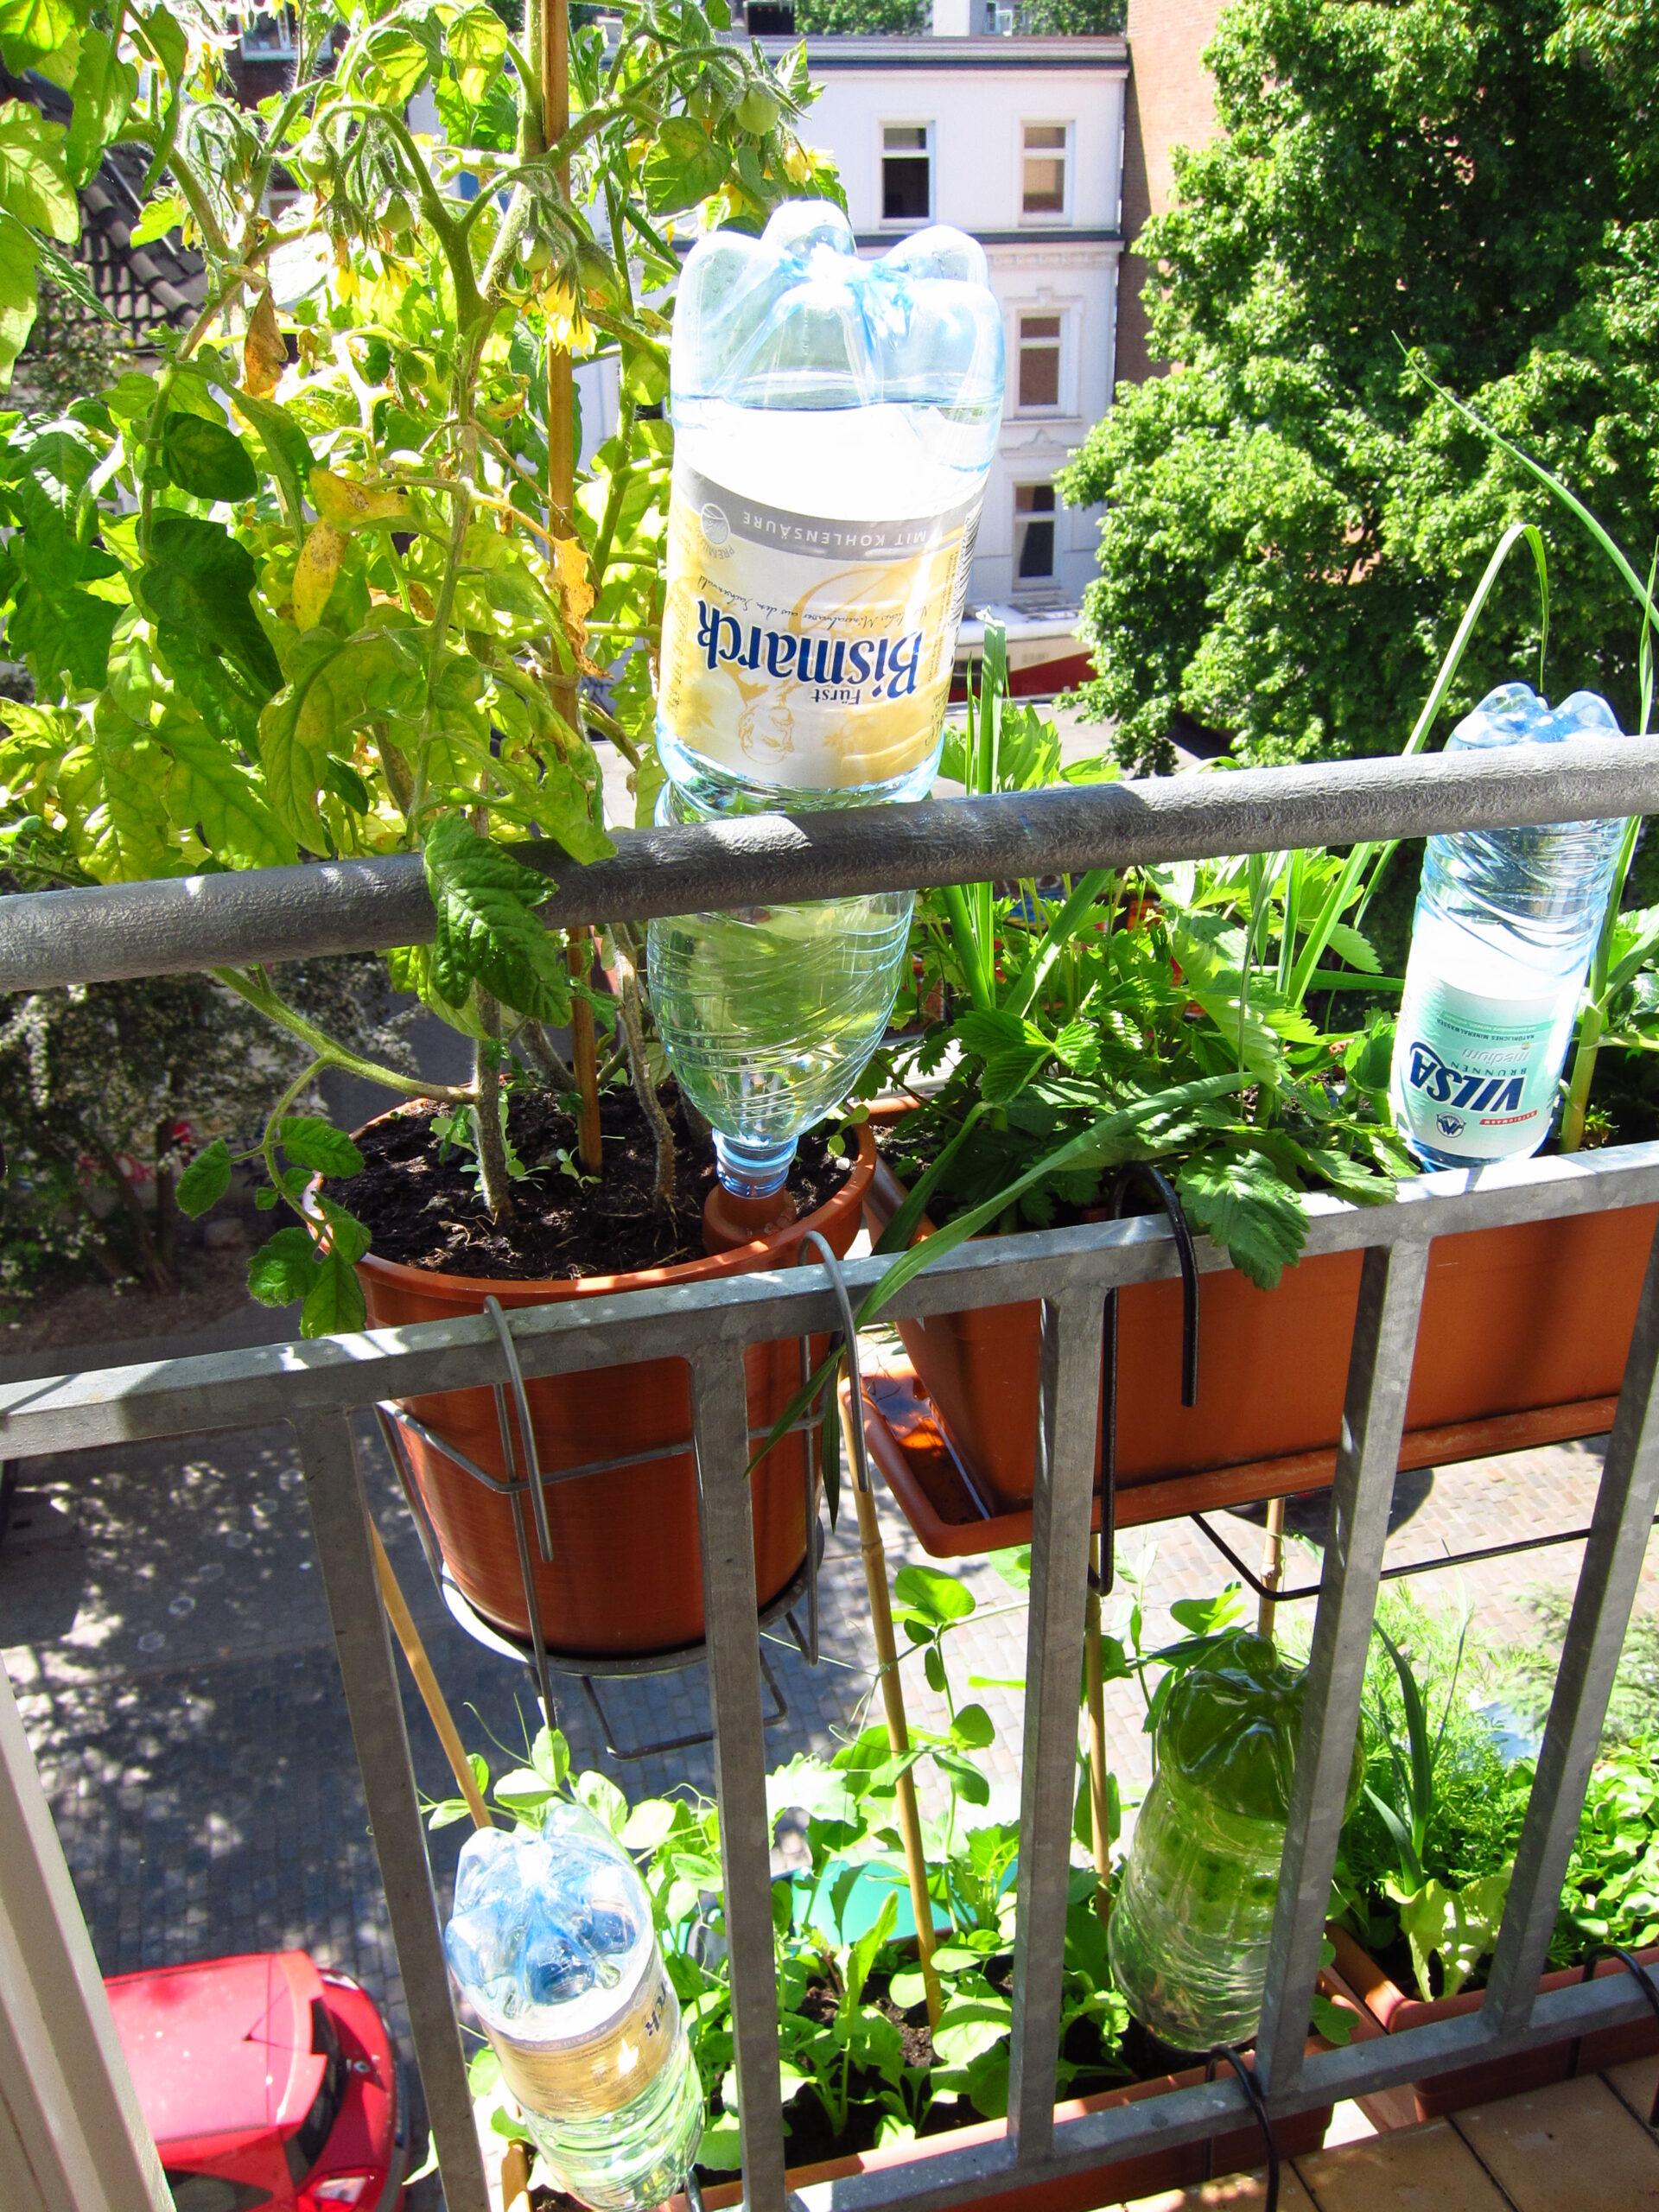 Full Size of Erfahrungsbericht Bewsserung Mit Aufstzen Fr Pet Flaschen Bewässerung Garten Bewässerungssysteme Test Automatisch Bewässerungssystem Wohnzimmer Bewässerung Balkon